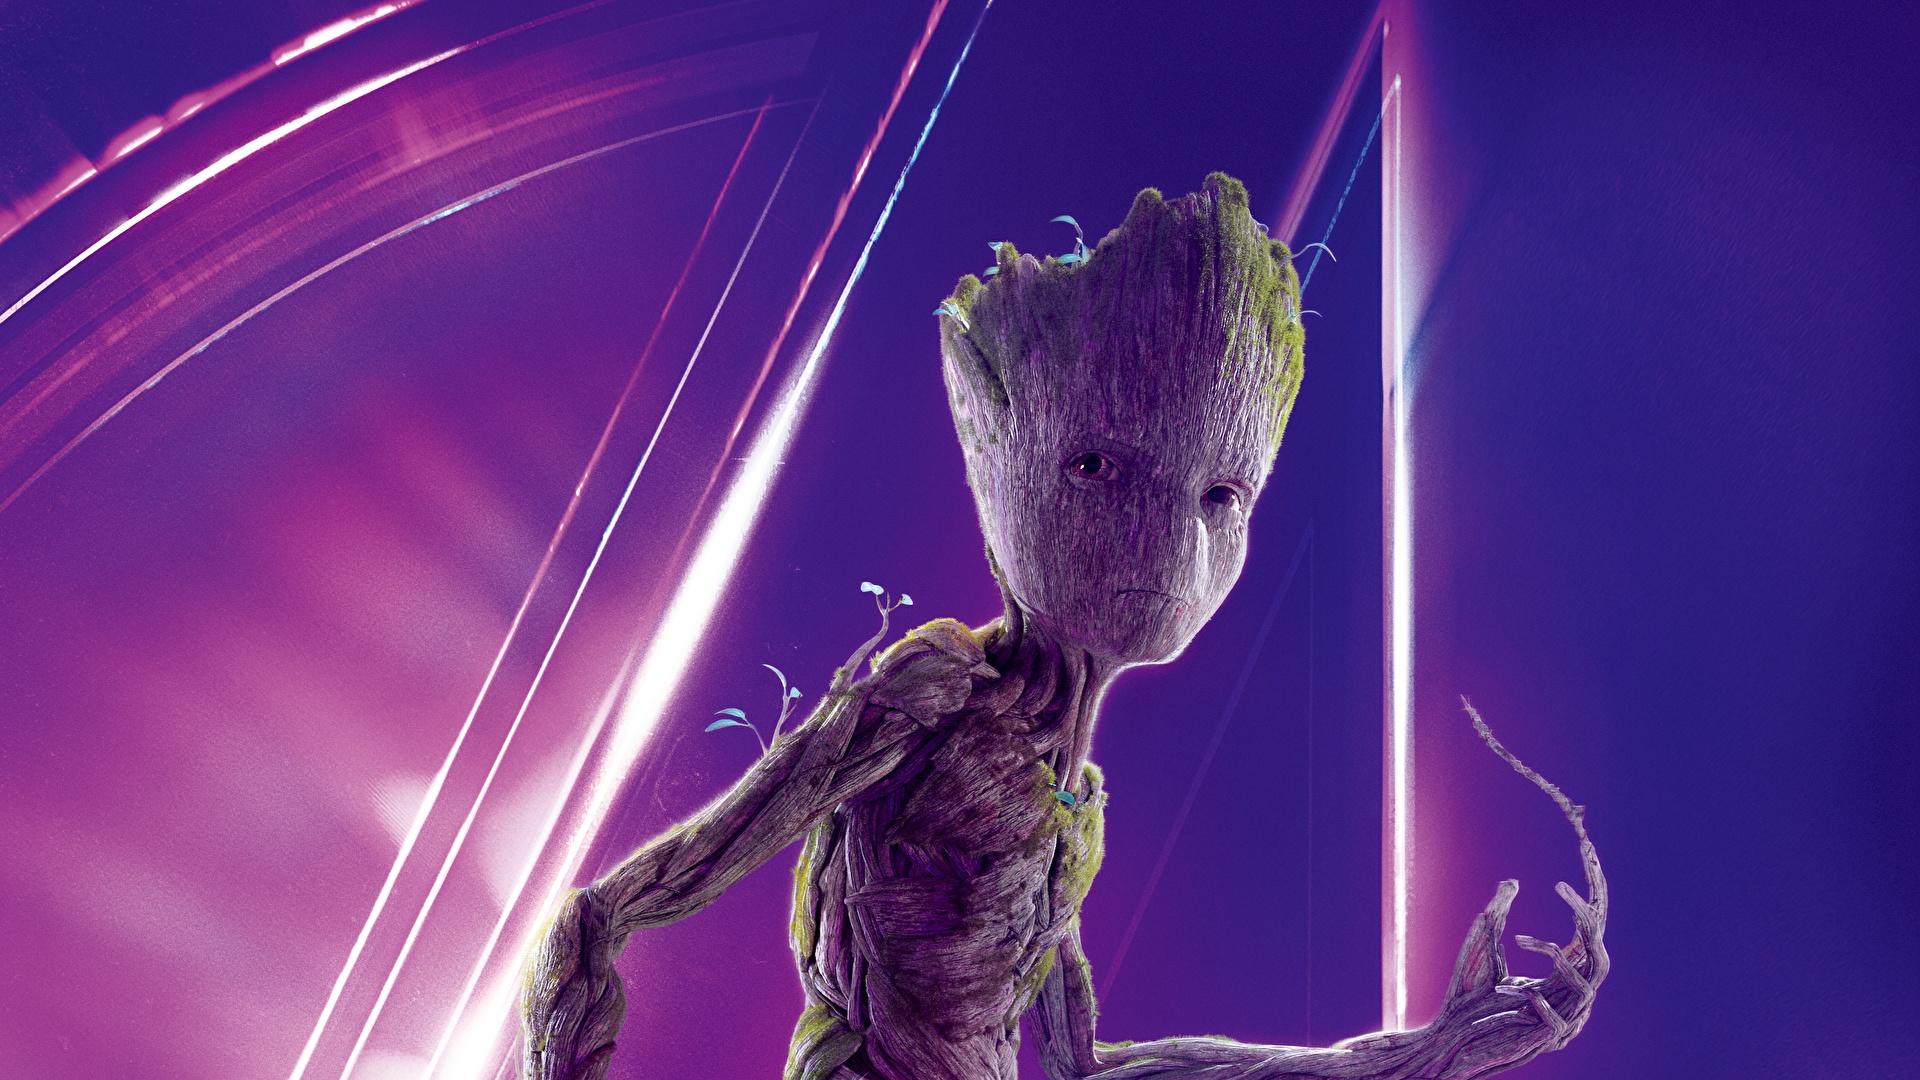 壁紙 19x1080 Avengers Infinity War ガーディアンズ オブ ギャラクシー リミックス Groot 映画 ダウンロード 写真